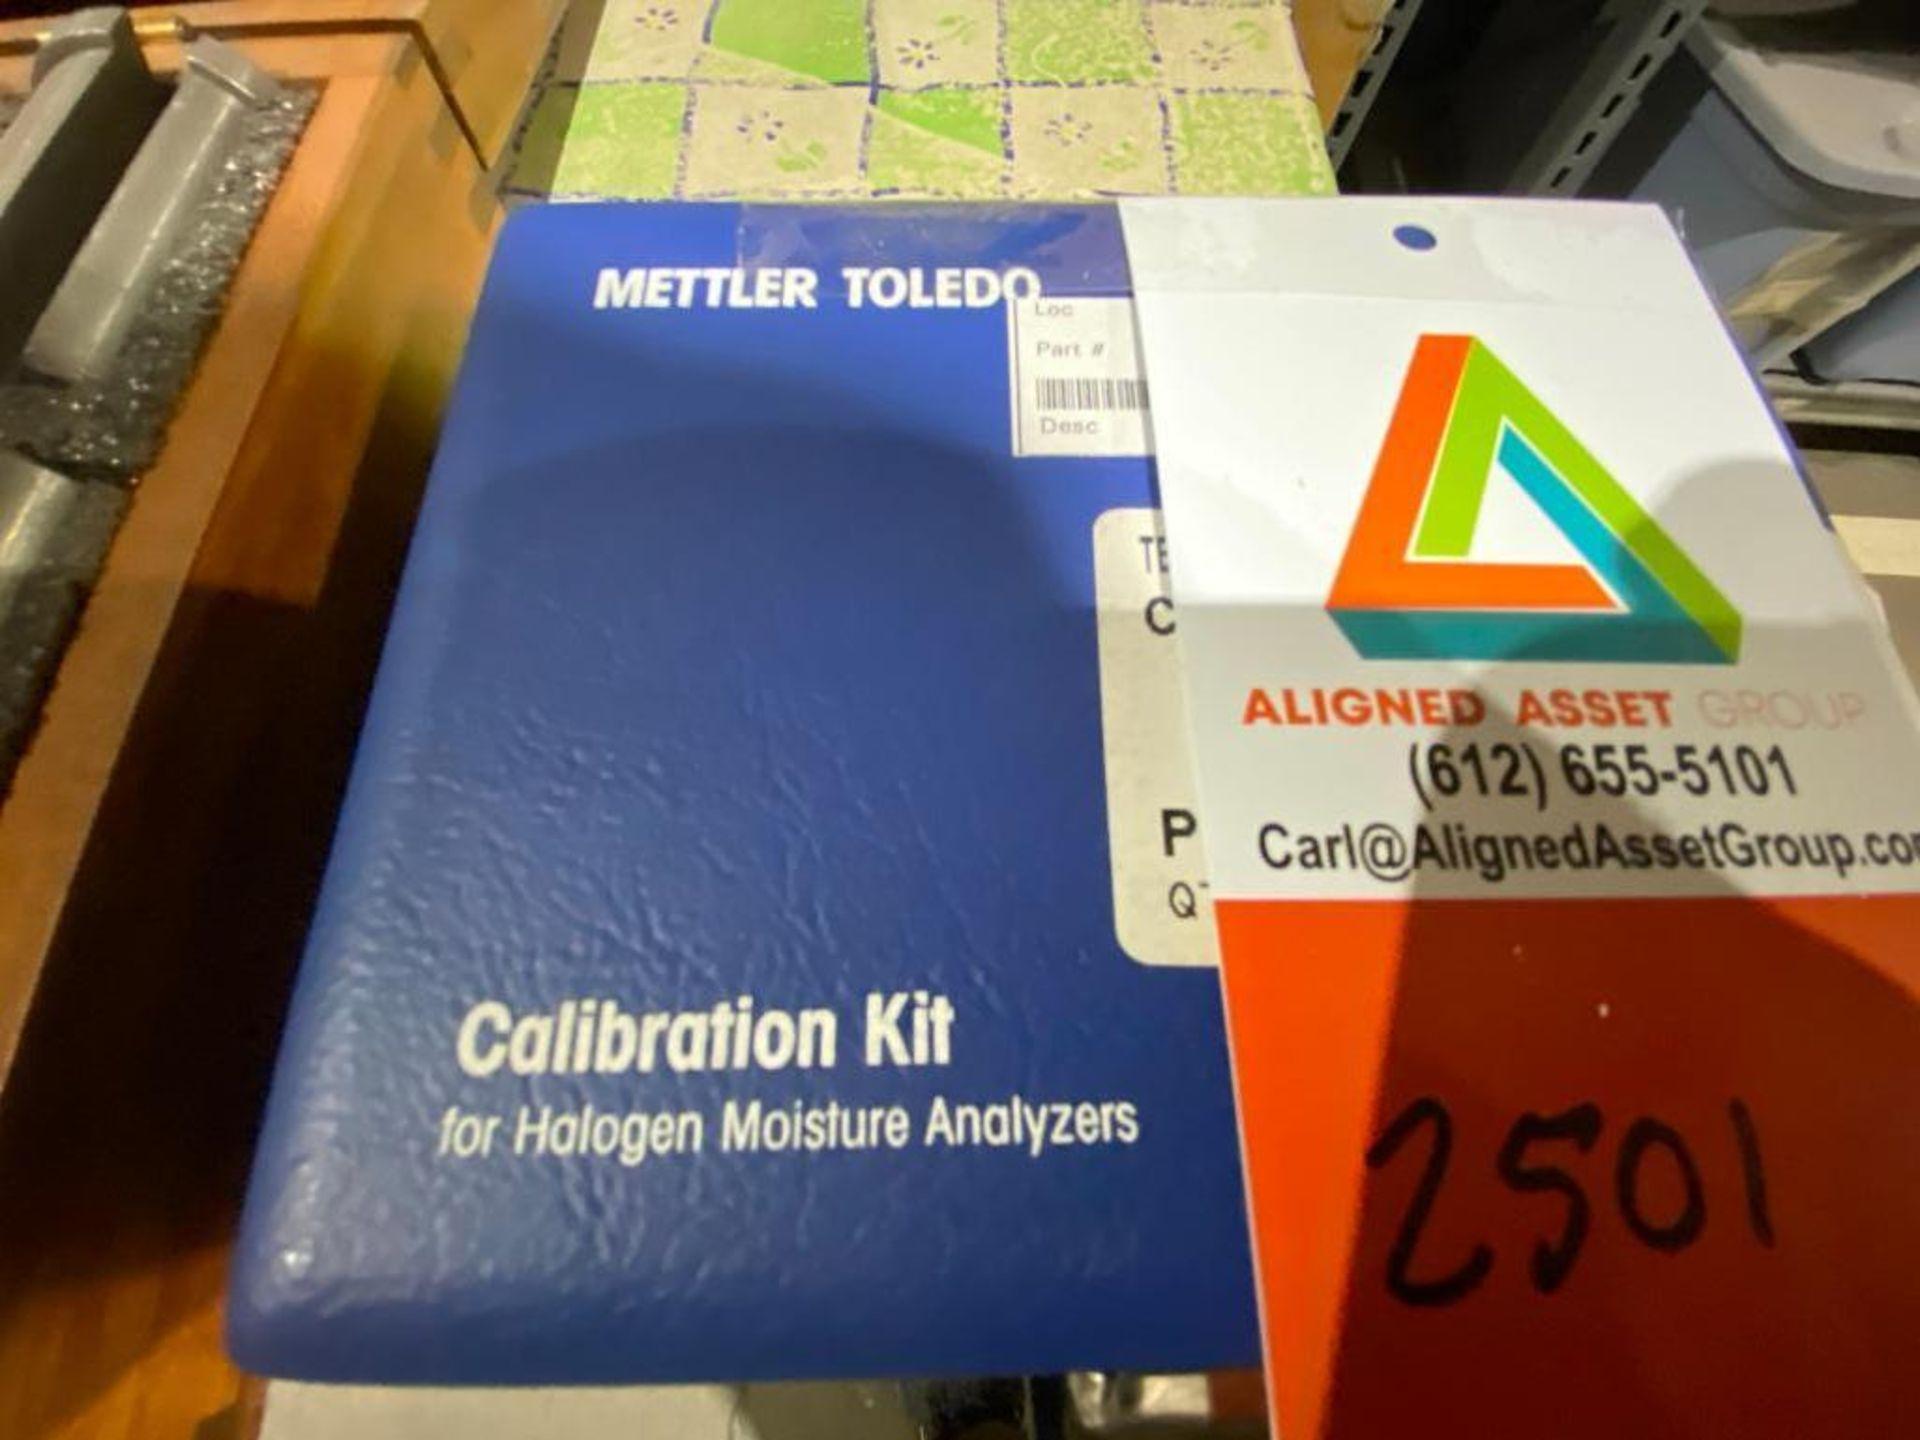 Mettler Toledo calibration kit for halogen moisture analyser